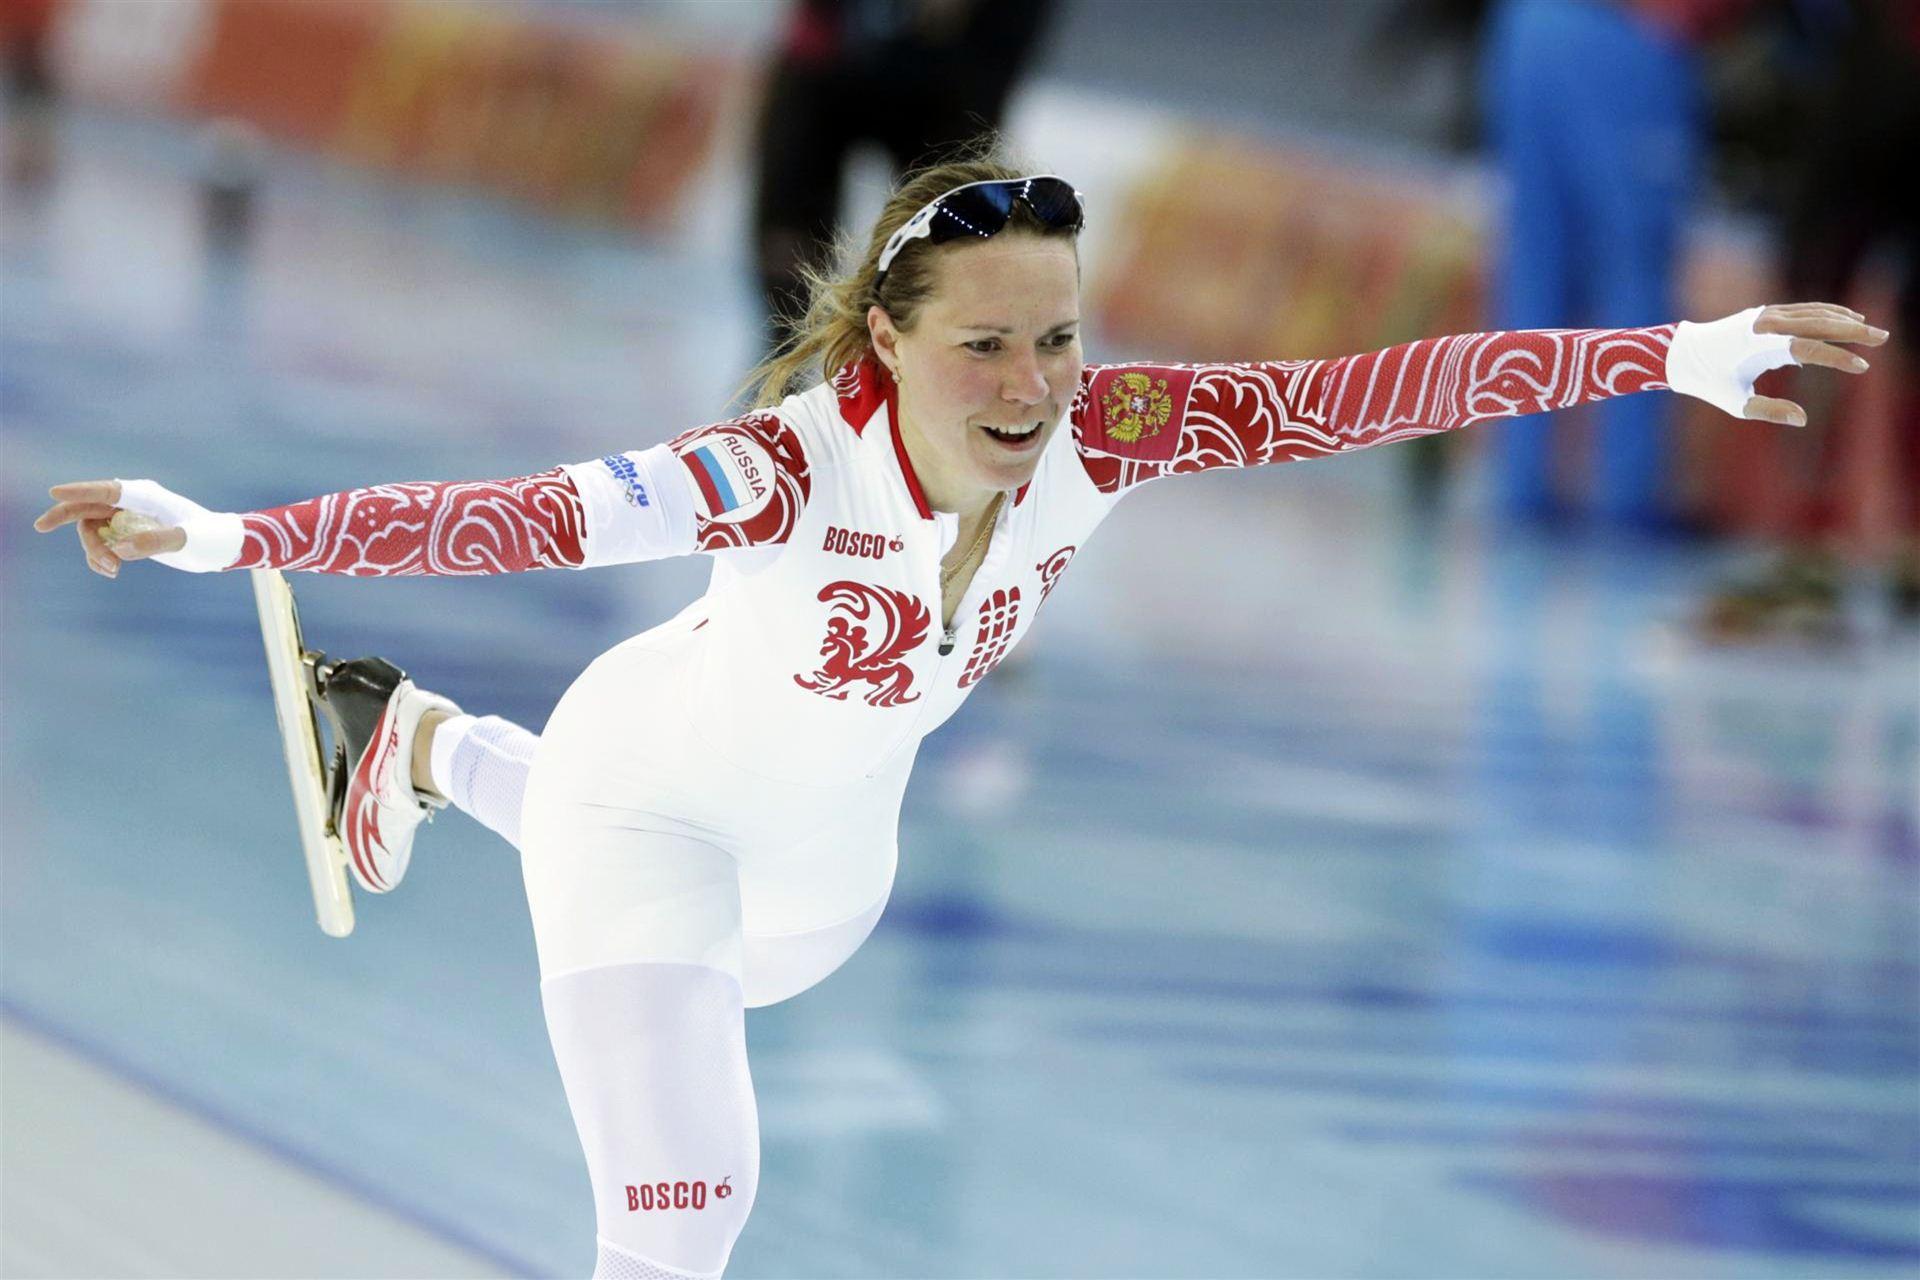 SR: Sochi Nude Speed Skating